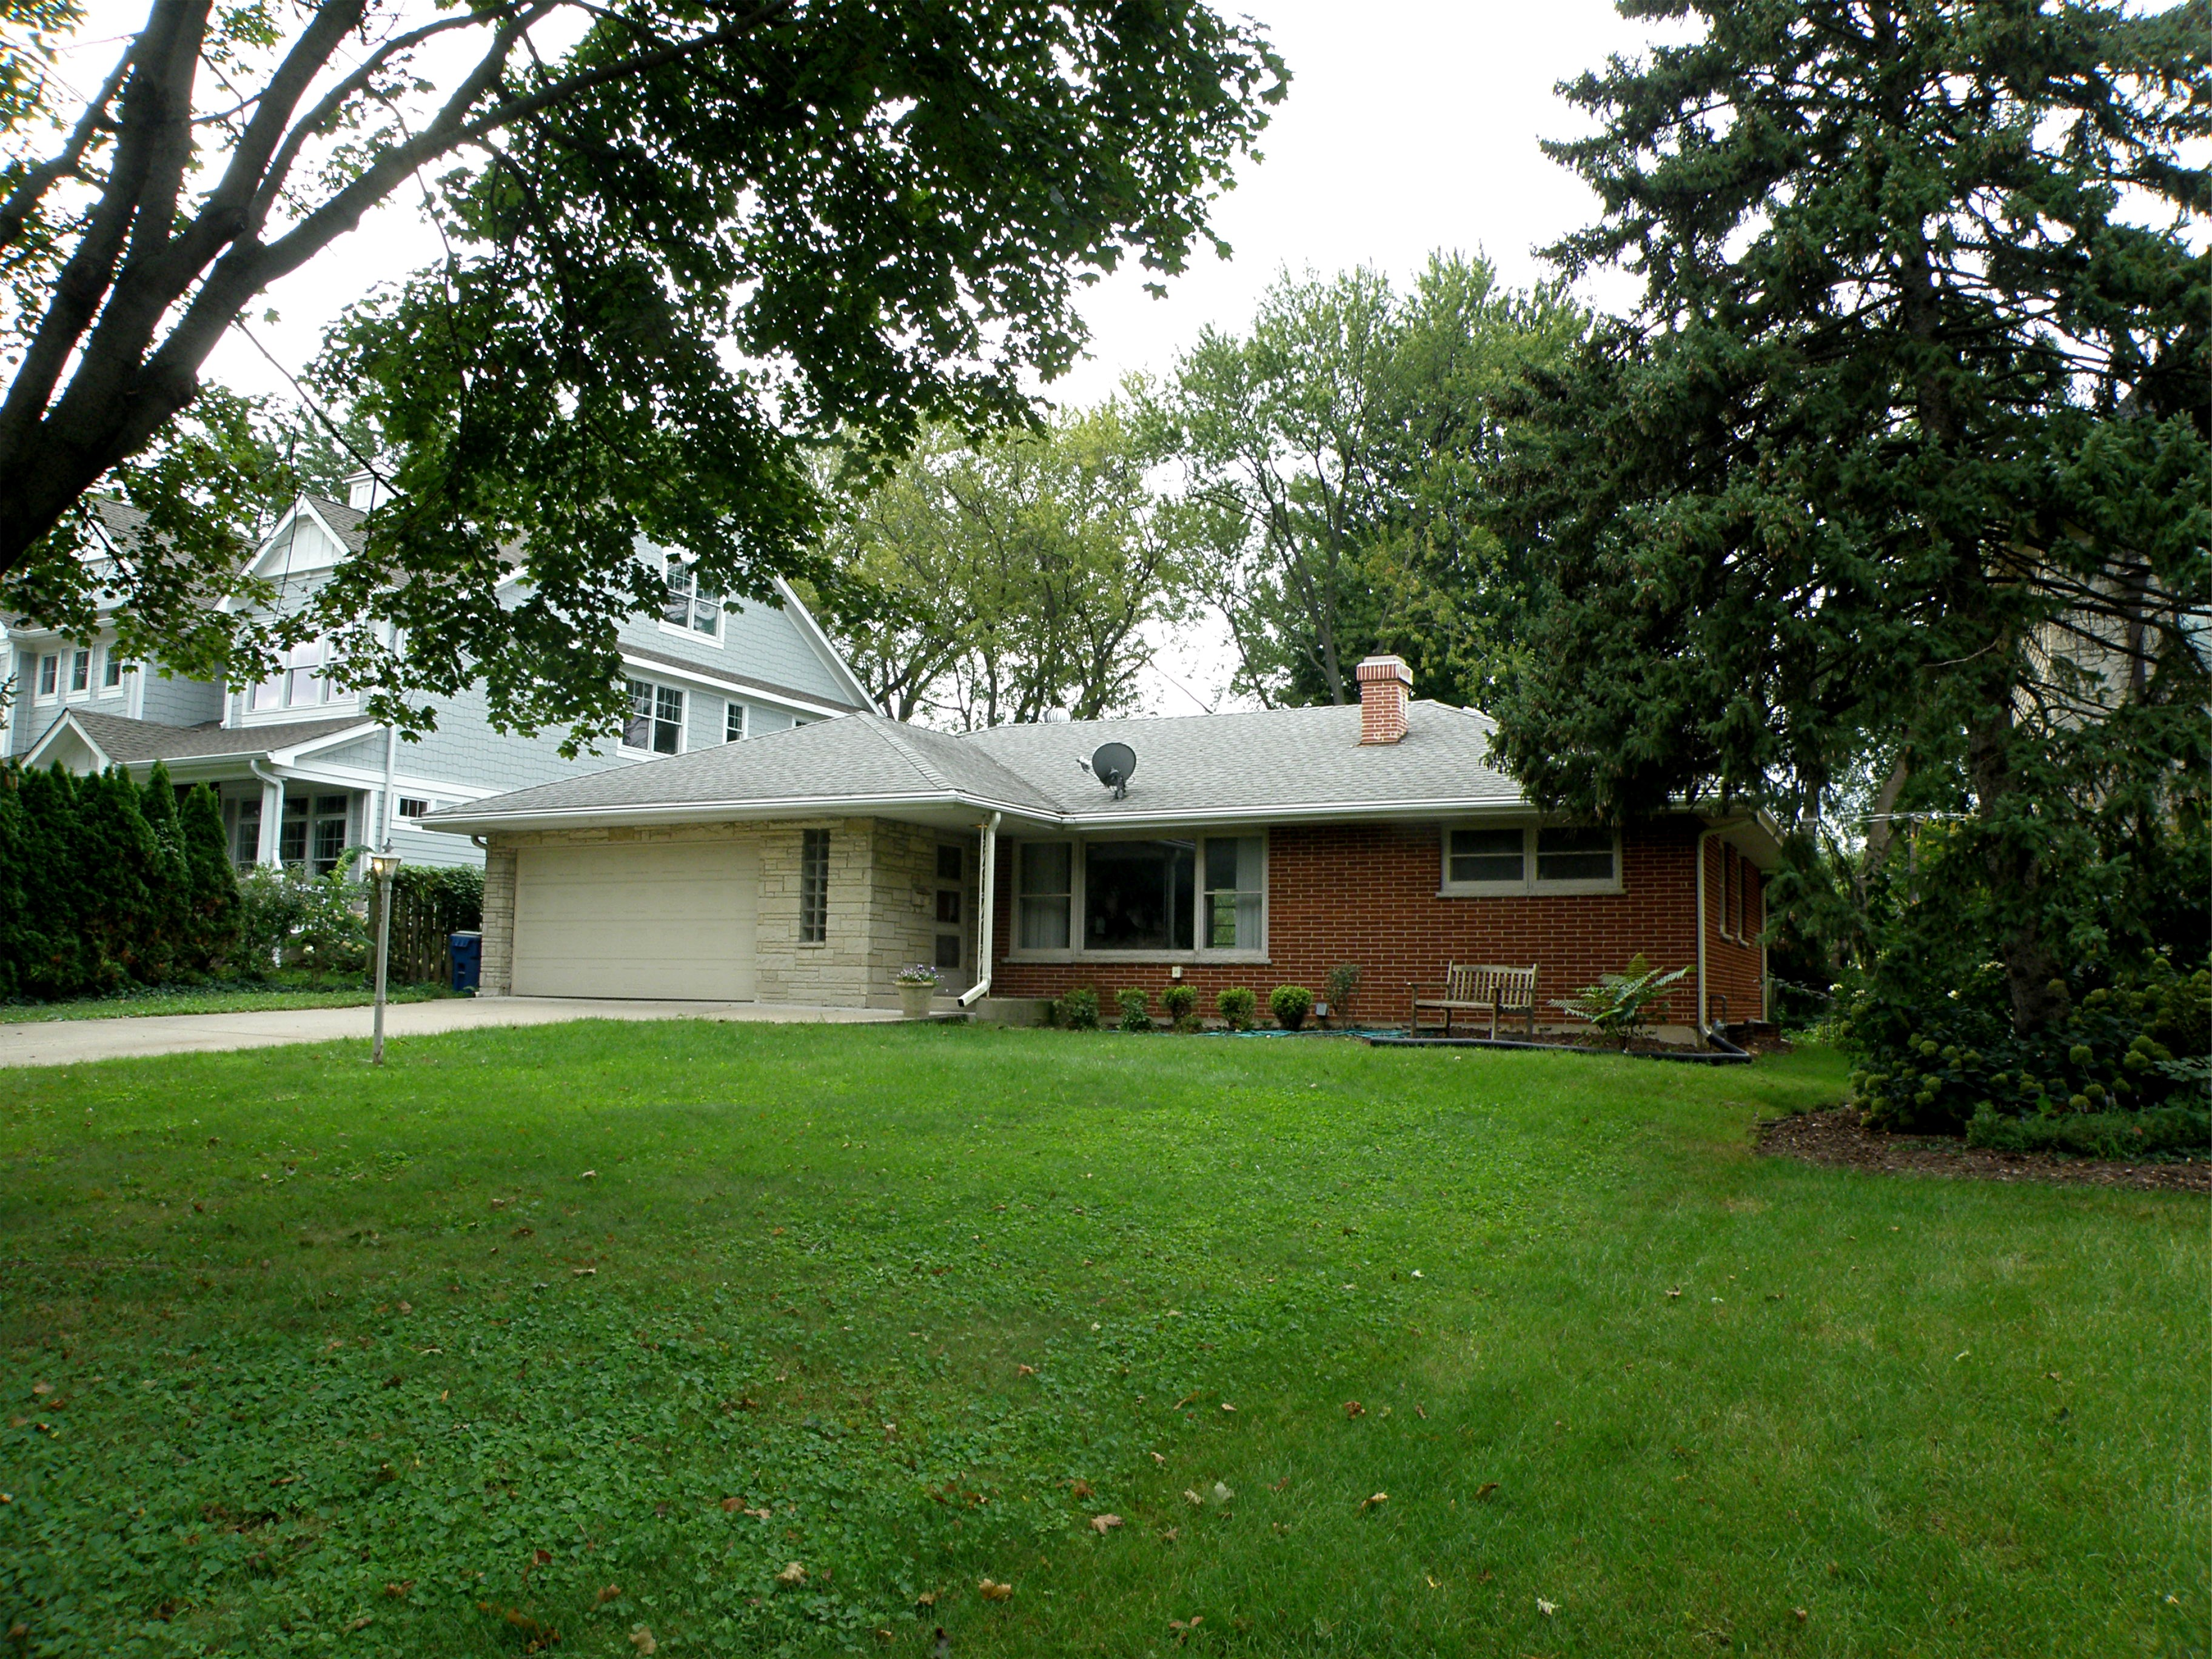 Einfamilienhaus für Verkauf beim 434 N Quincy 434 N Quincy St Hinsdale, Illinois, 60521 Vereinigte Staaten